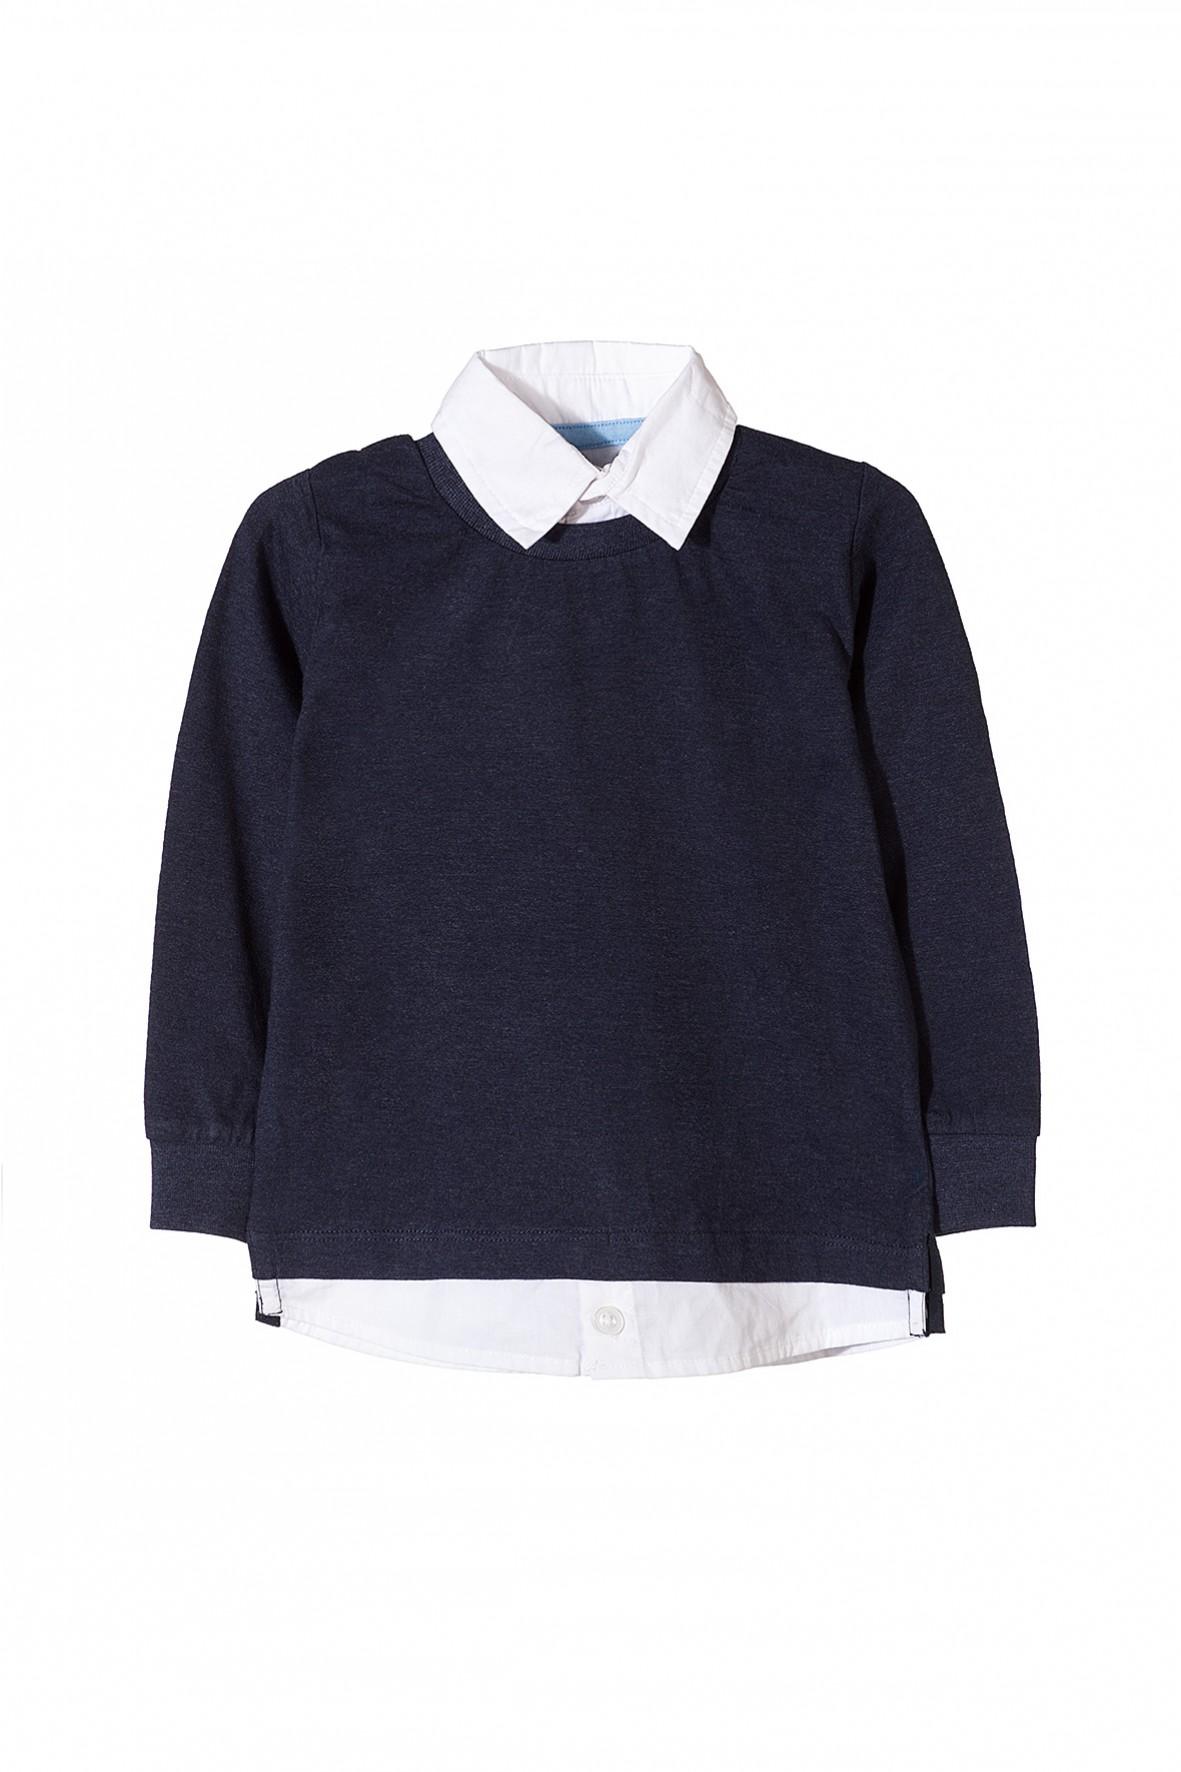 Bluzka chłopięca z koszulowym kołnierzykiem